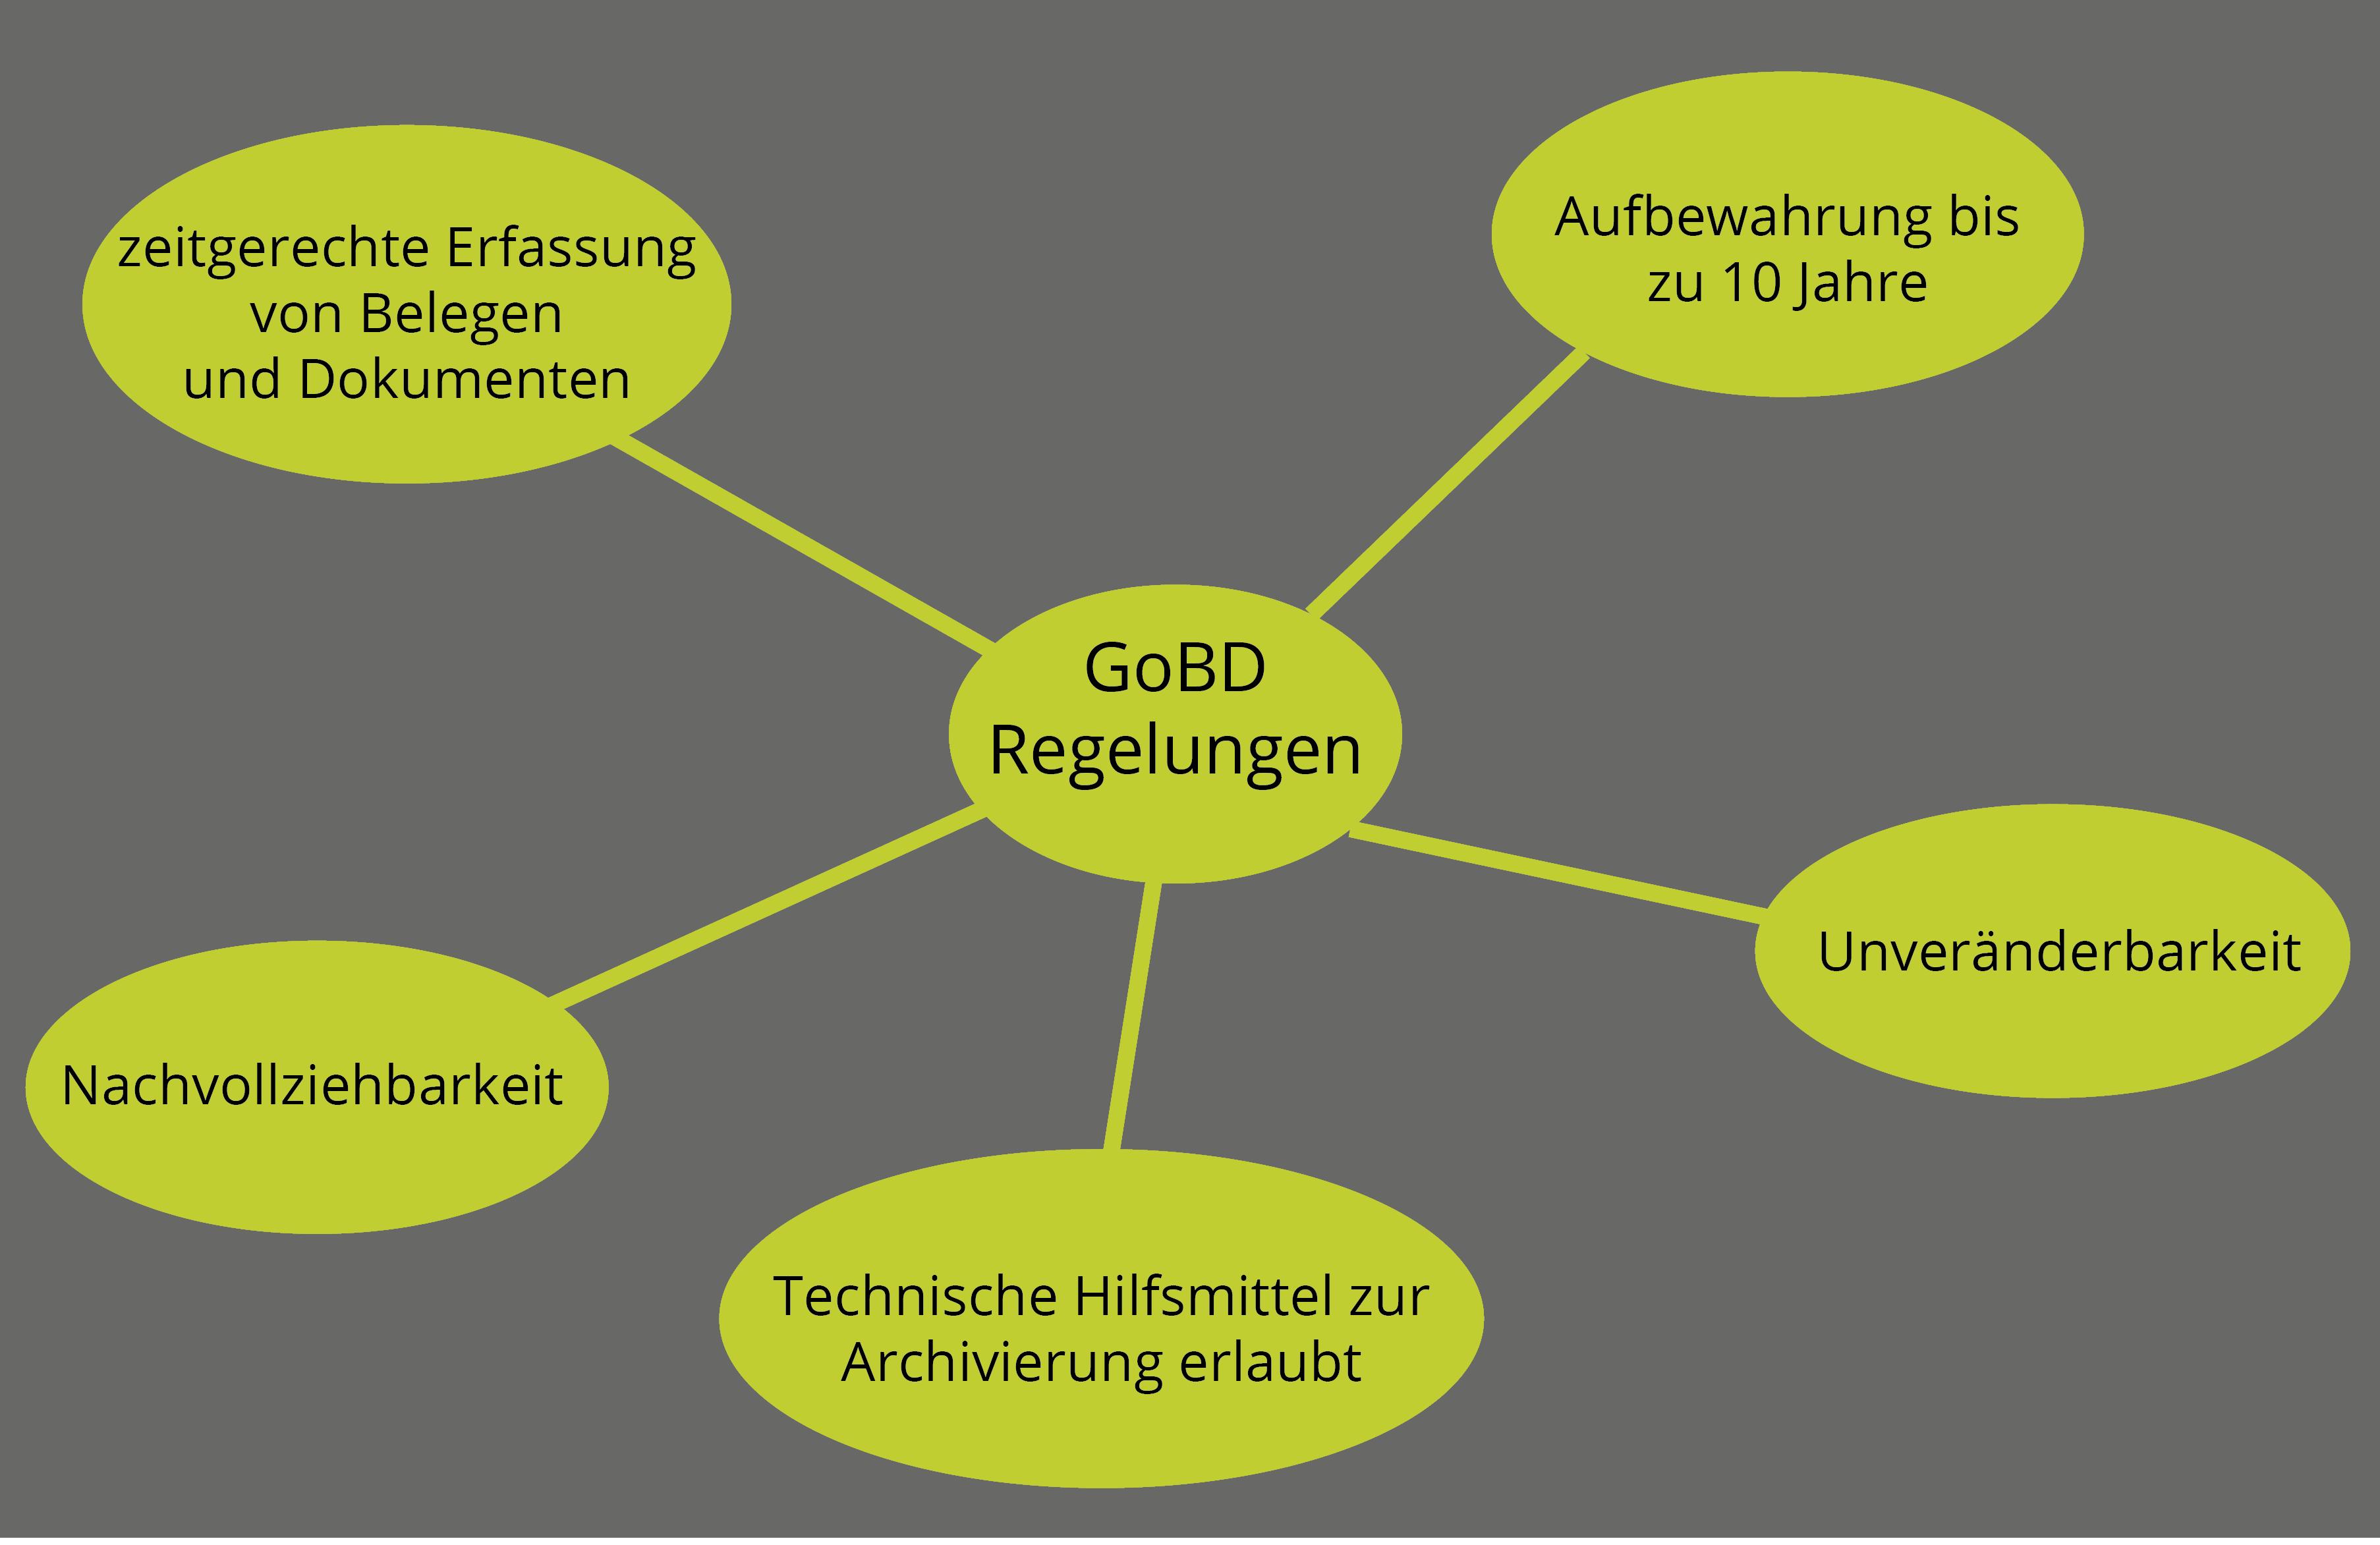 GoBD Regelungen_Zeichenfläche 1-1